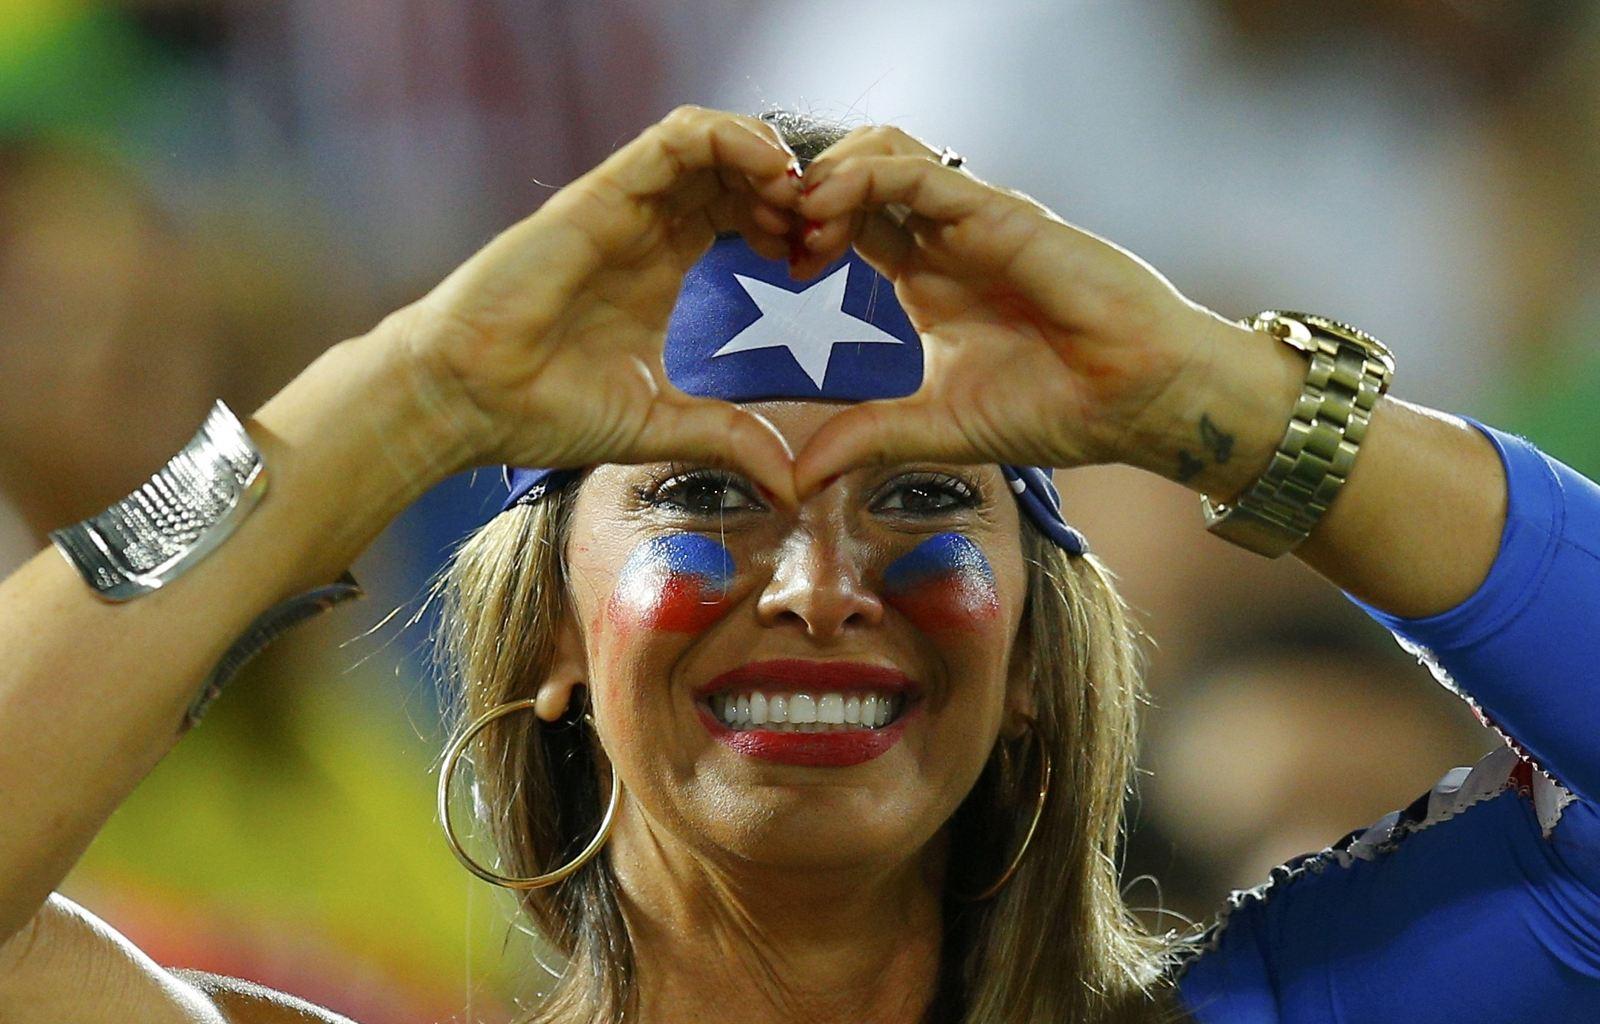 عکس زن زیبای تماشاگر 2014 جام جهانی,عکس های زیبا زنان تماشاگر جام جهانی,عکس های محشر از تماشاگران جام جهانی